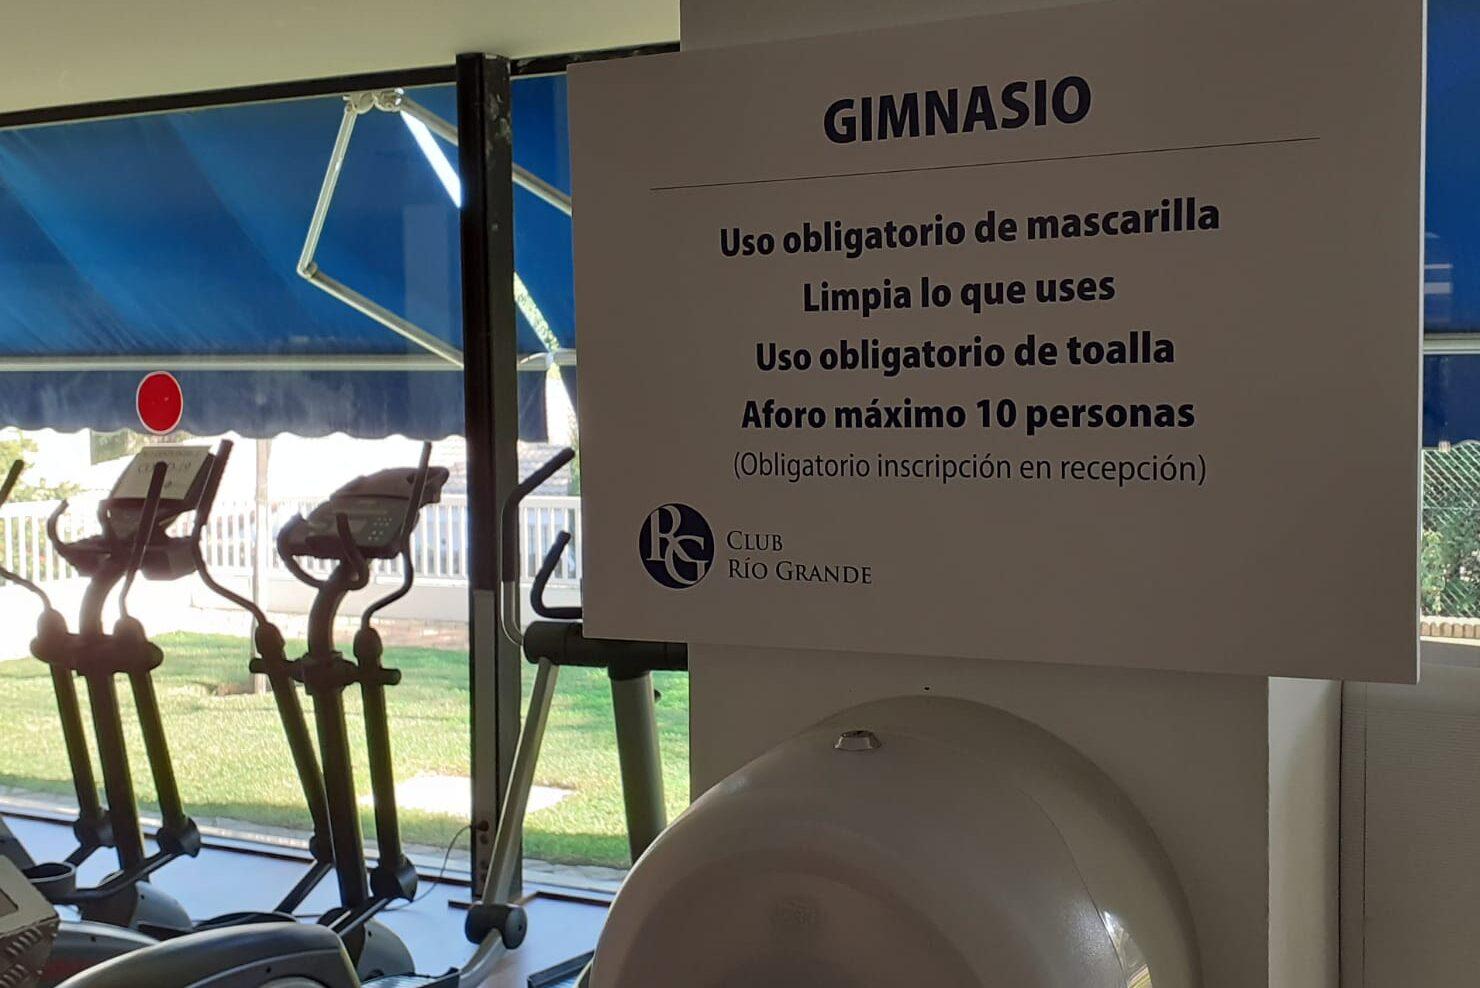 Aviso de las condiciones de uso del gimnasio de Río Grande